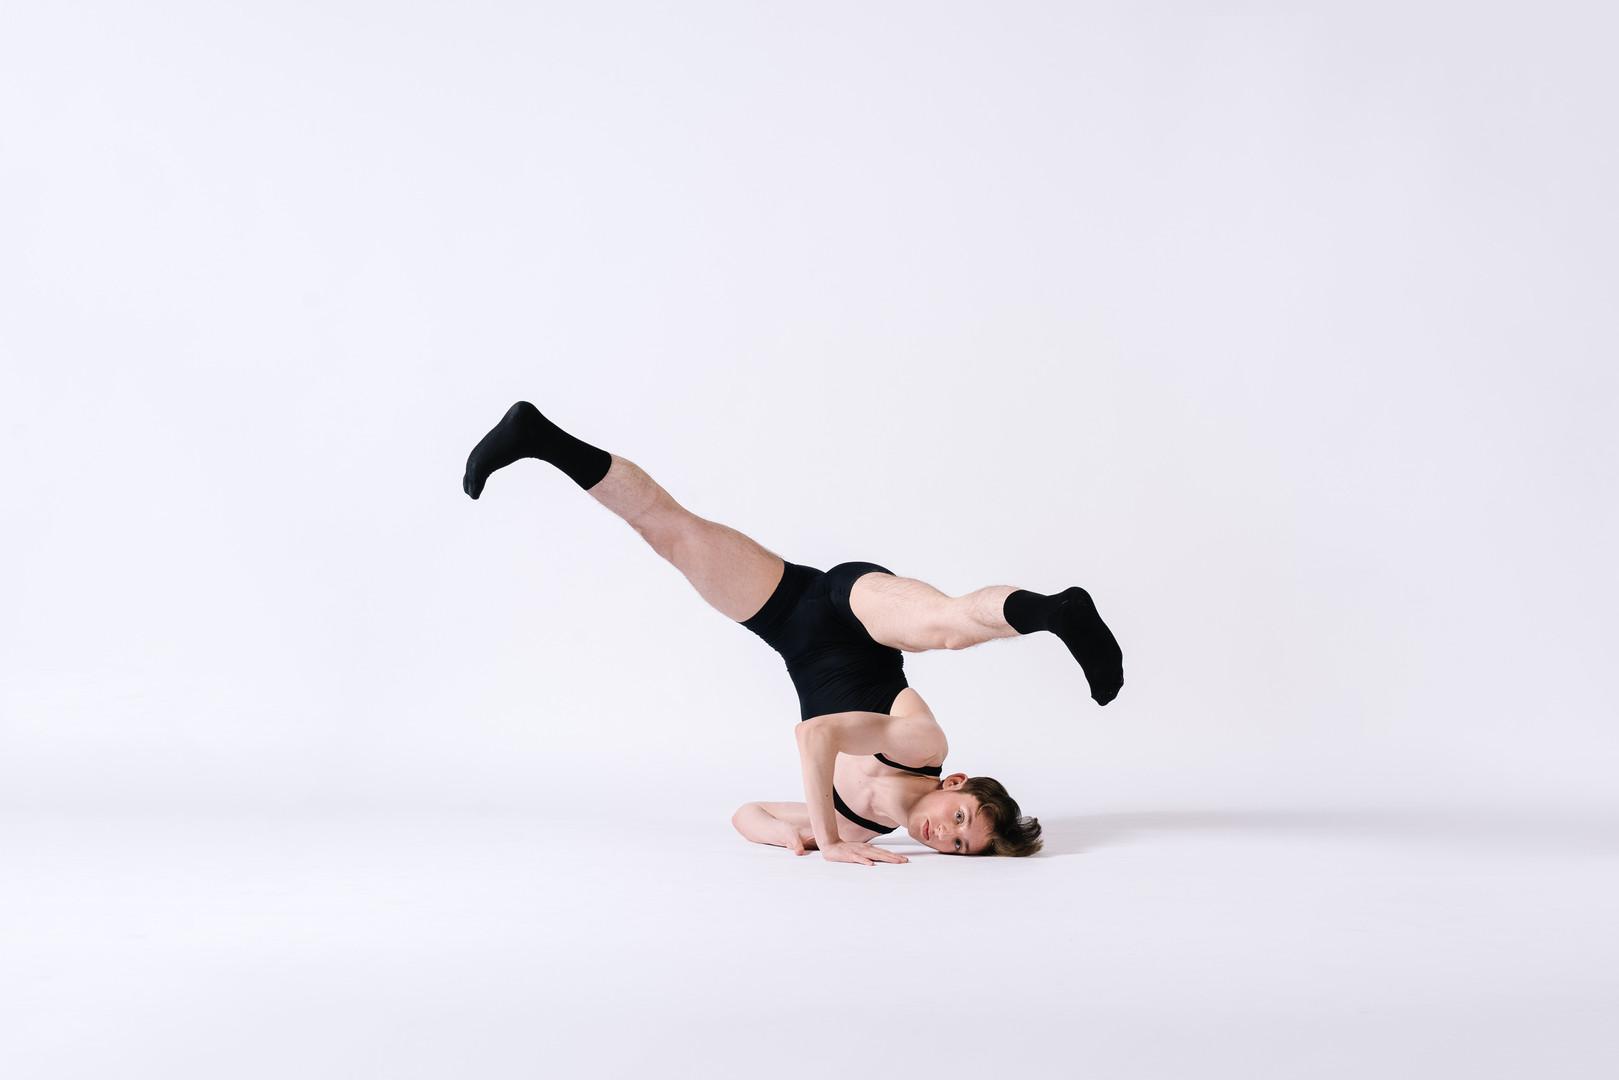 manchester-dance-photographer-22.jpg